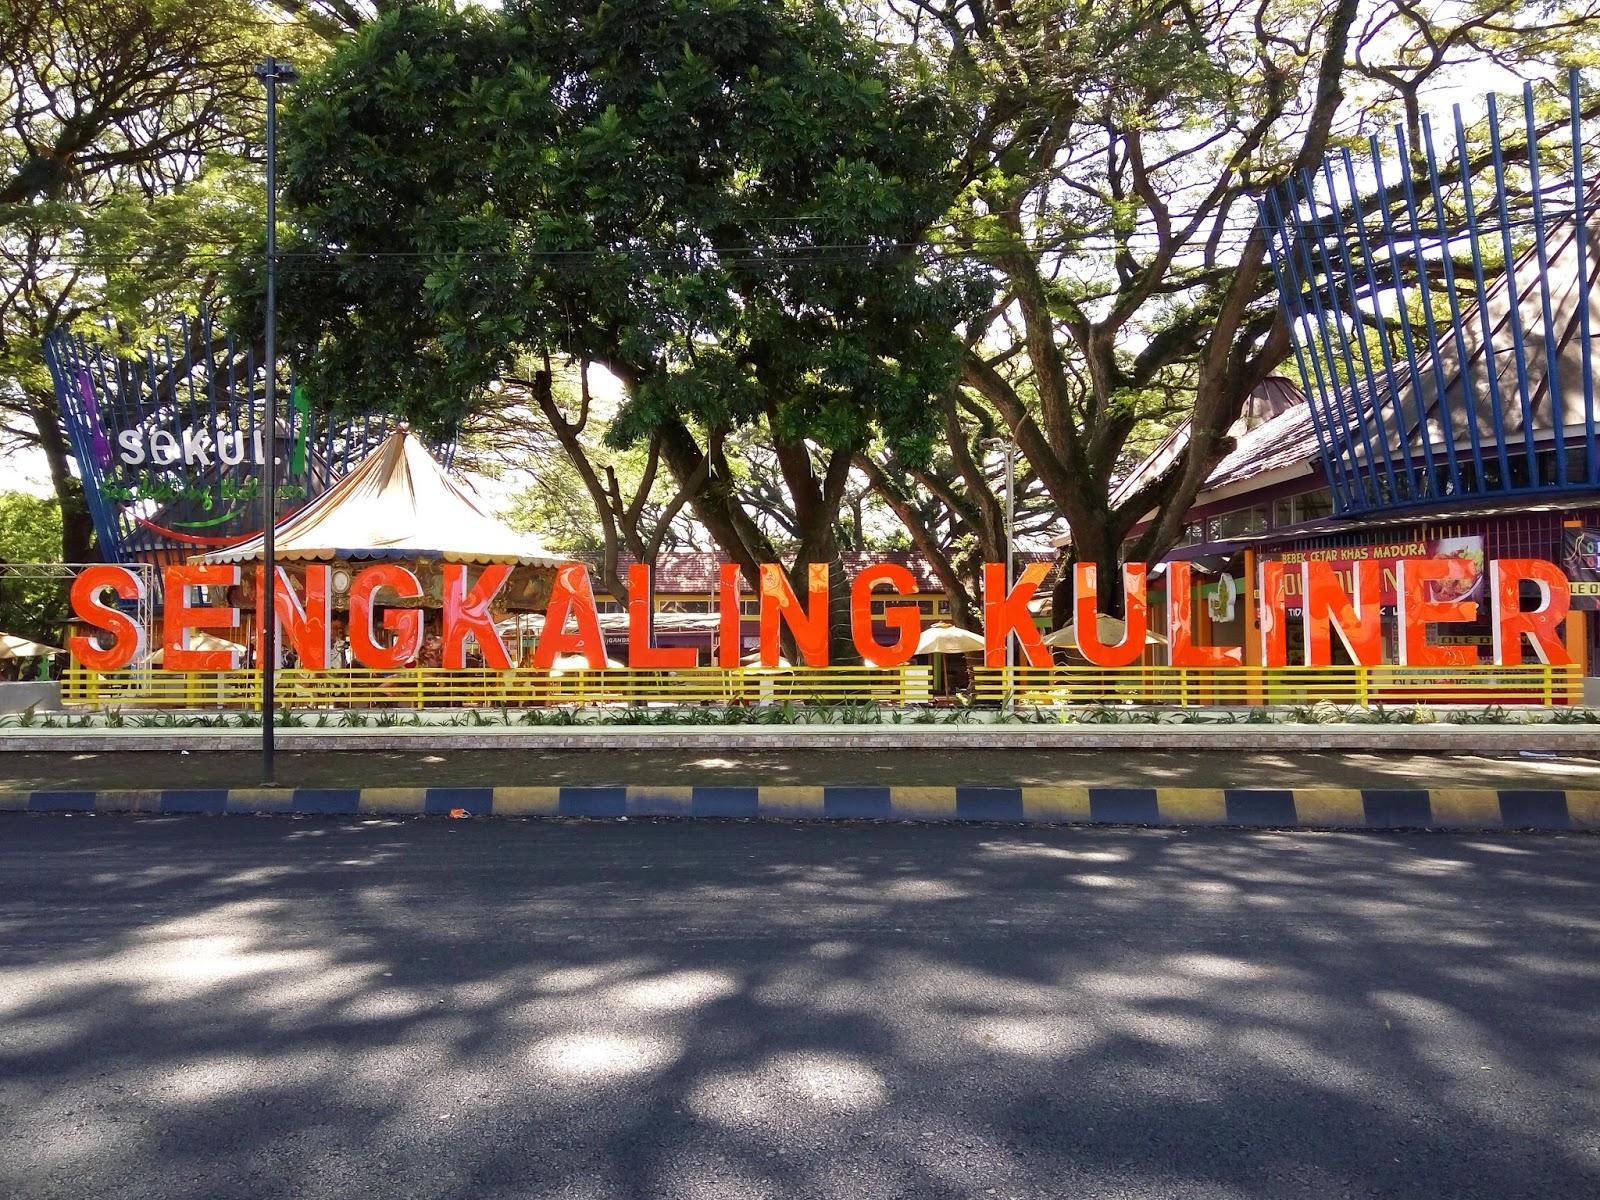 Taman Rekreasi Sengkaling Vindha Ramadhanifia Kab Malang